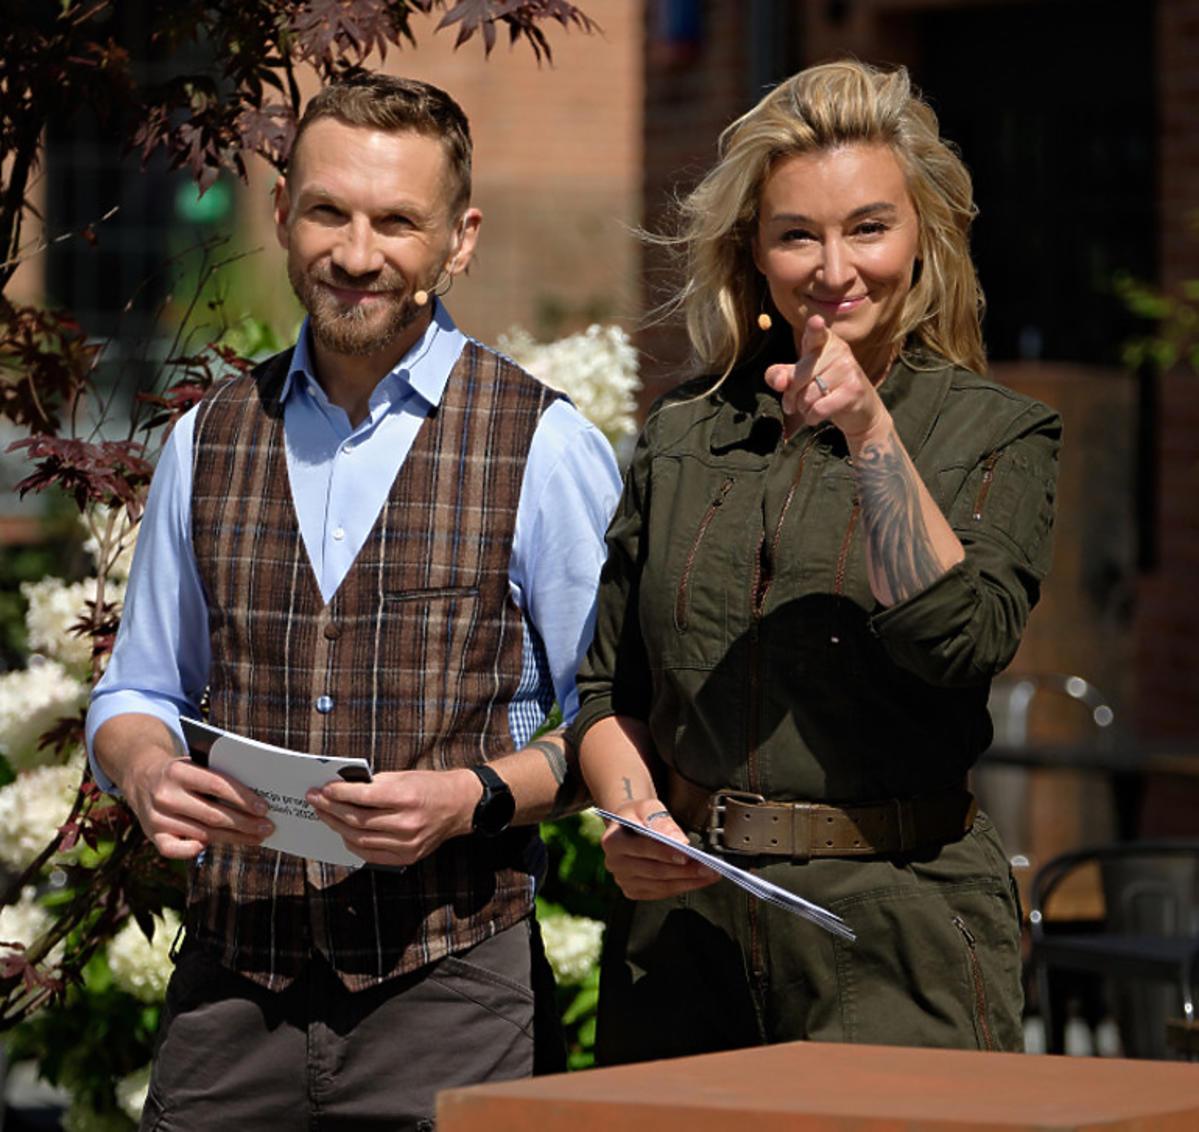 Przemysław Kossakowski i Martyna Wojciechowska na prezentacji jesiennej ramówki TVN 2020